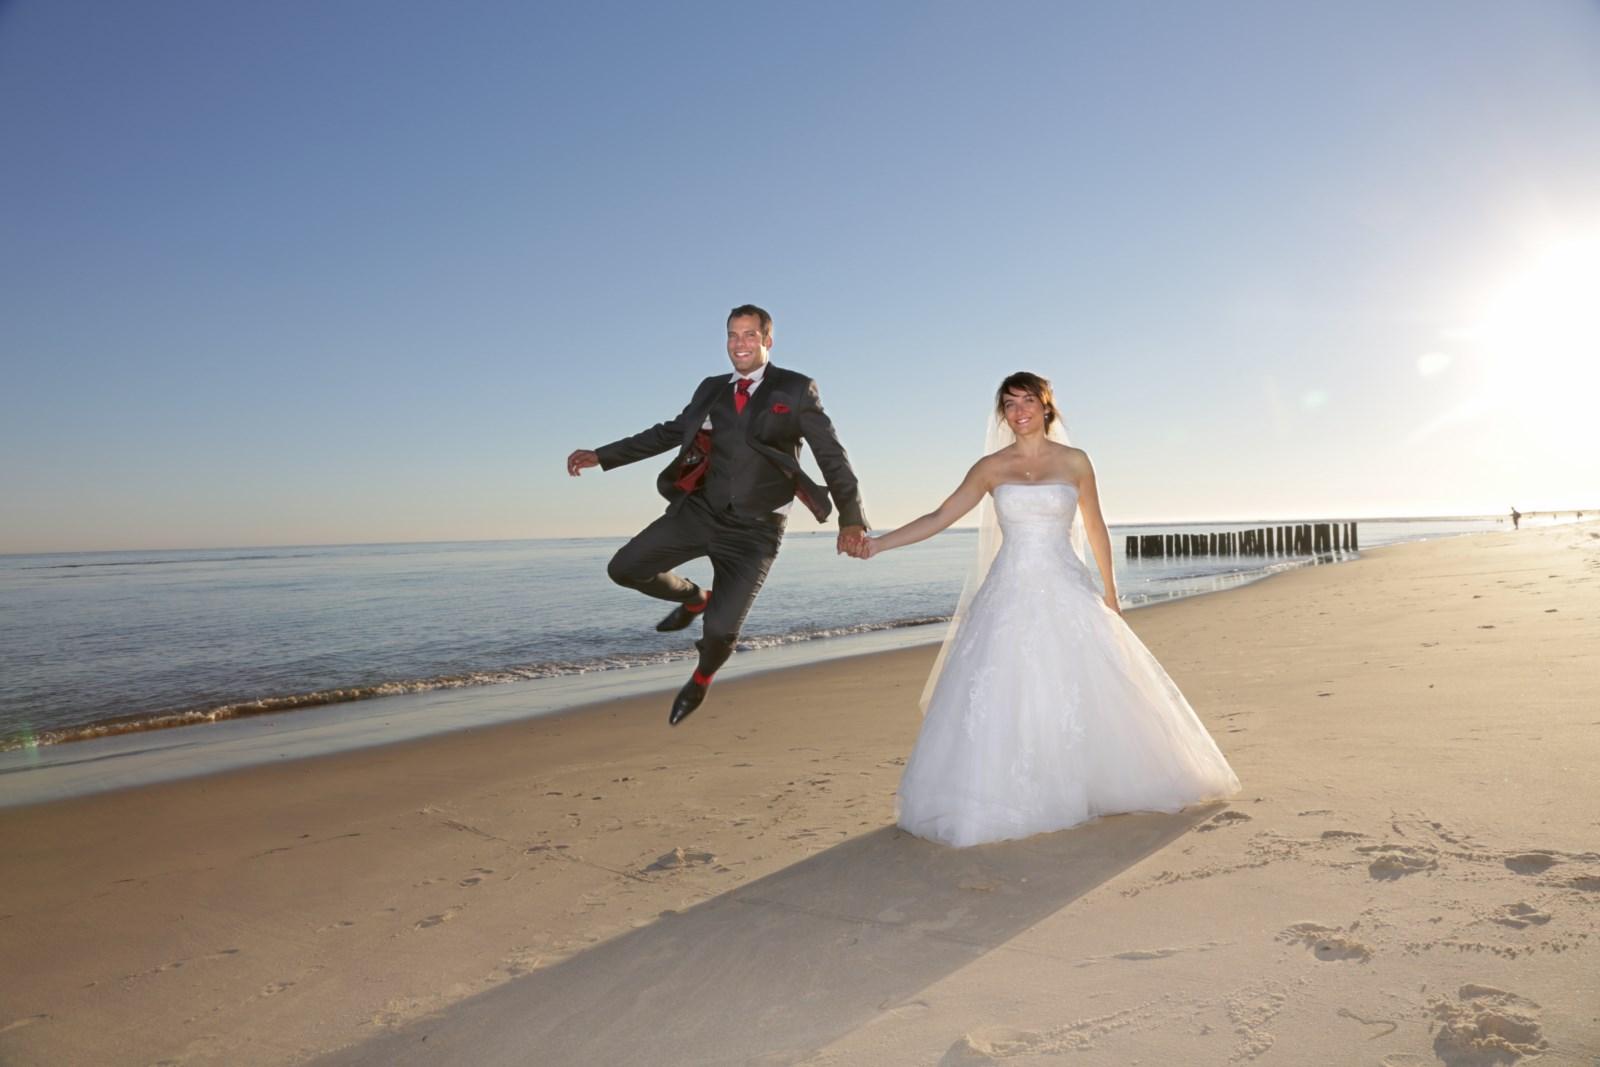 Photo mariage cap ferret plage 01.jpg